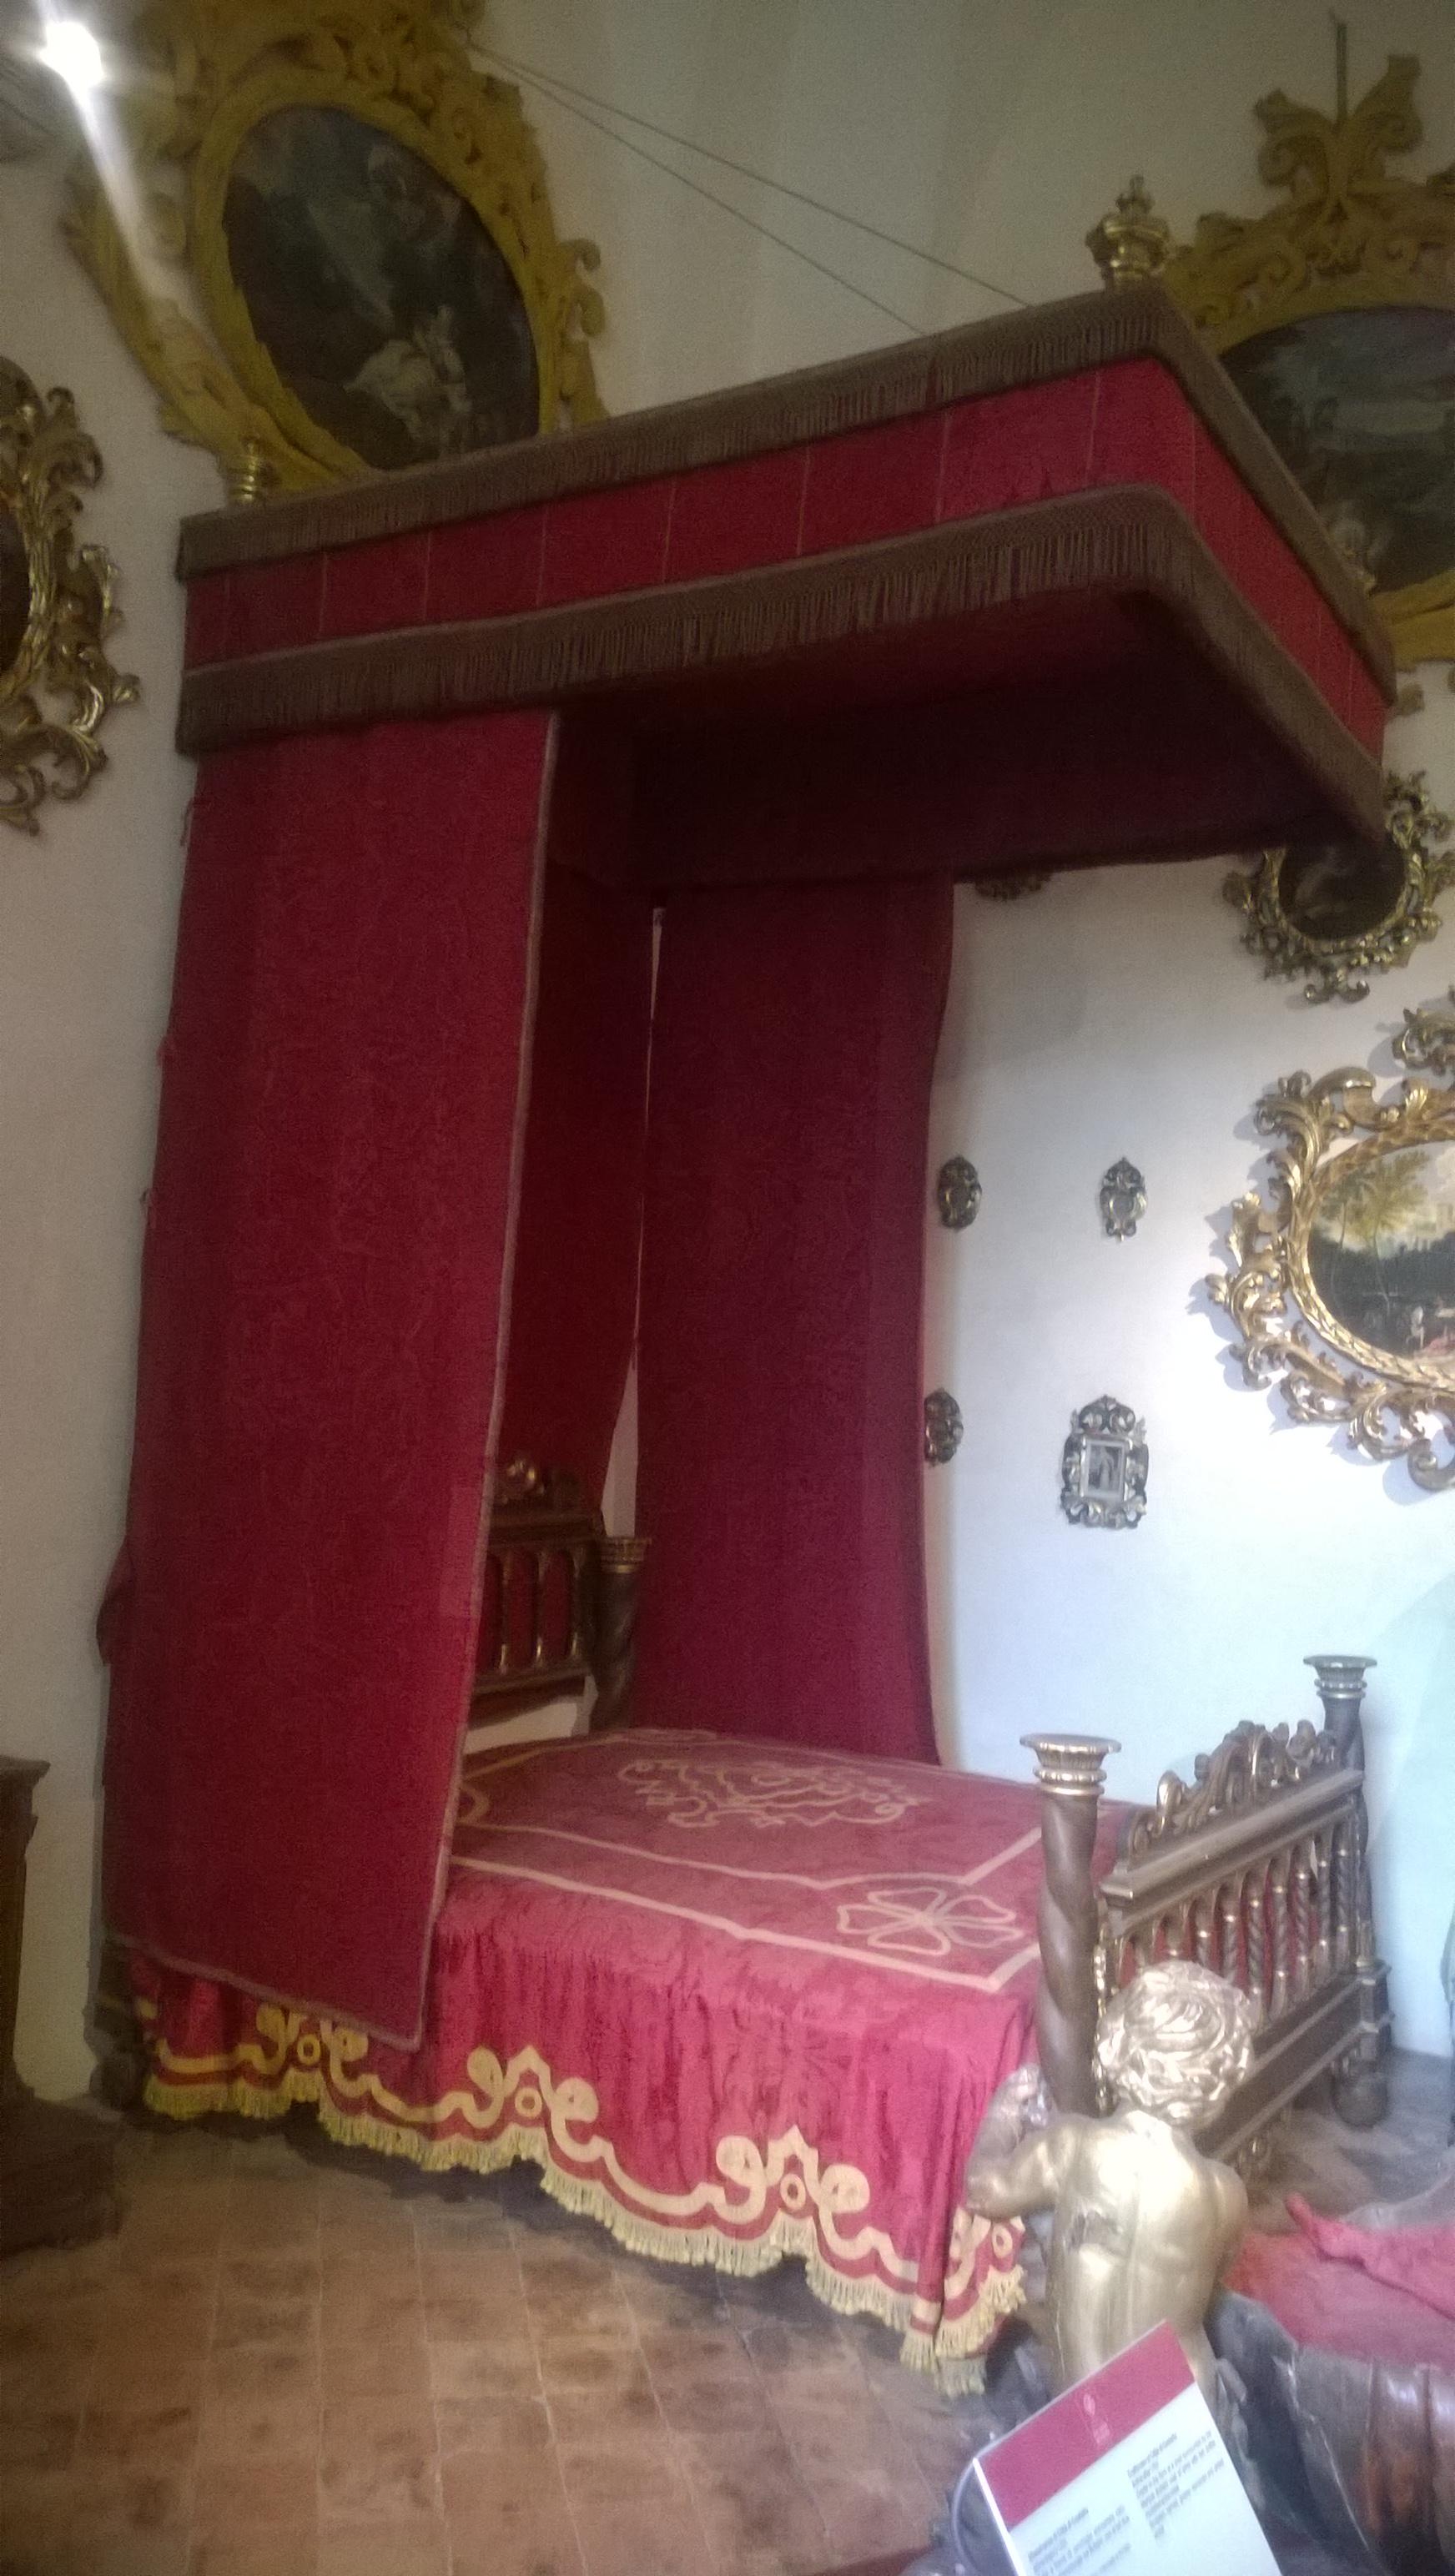 Letto A Castello Camera Da Letto.File Camera Da Letto Di Rappresentanza Castello Bufalini Jpg